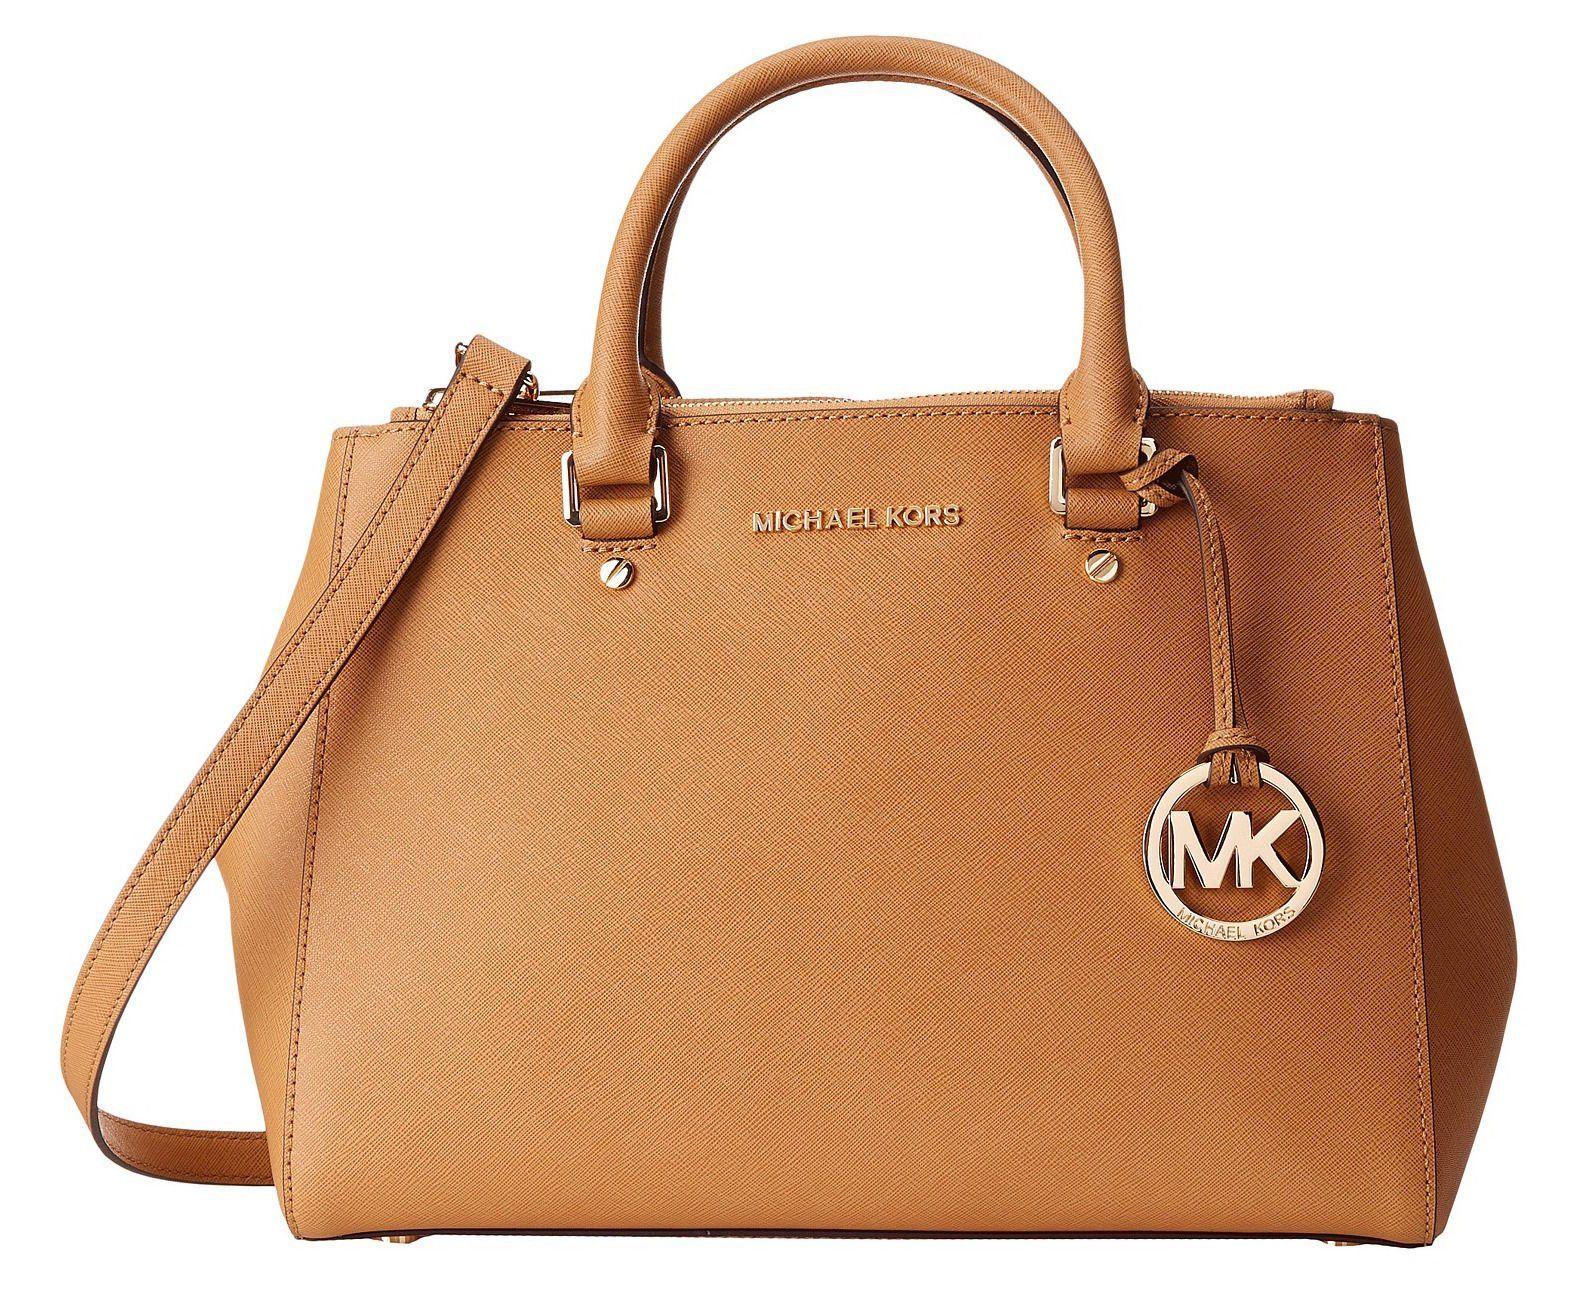 Michael Kors Sutton Medium Satchel Leather Bag/ Shoulder Peanut (Brown)  #30S4GTVS6L